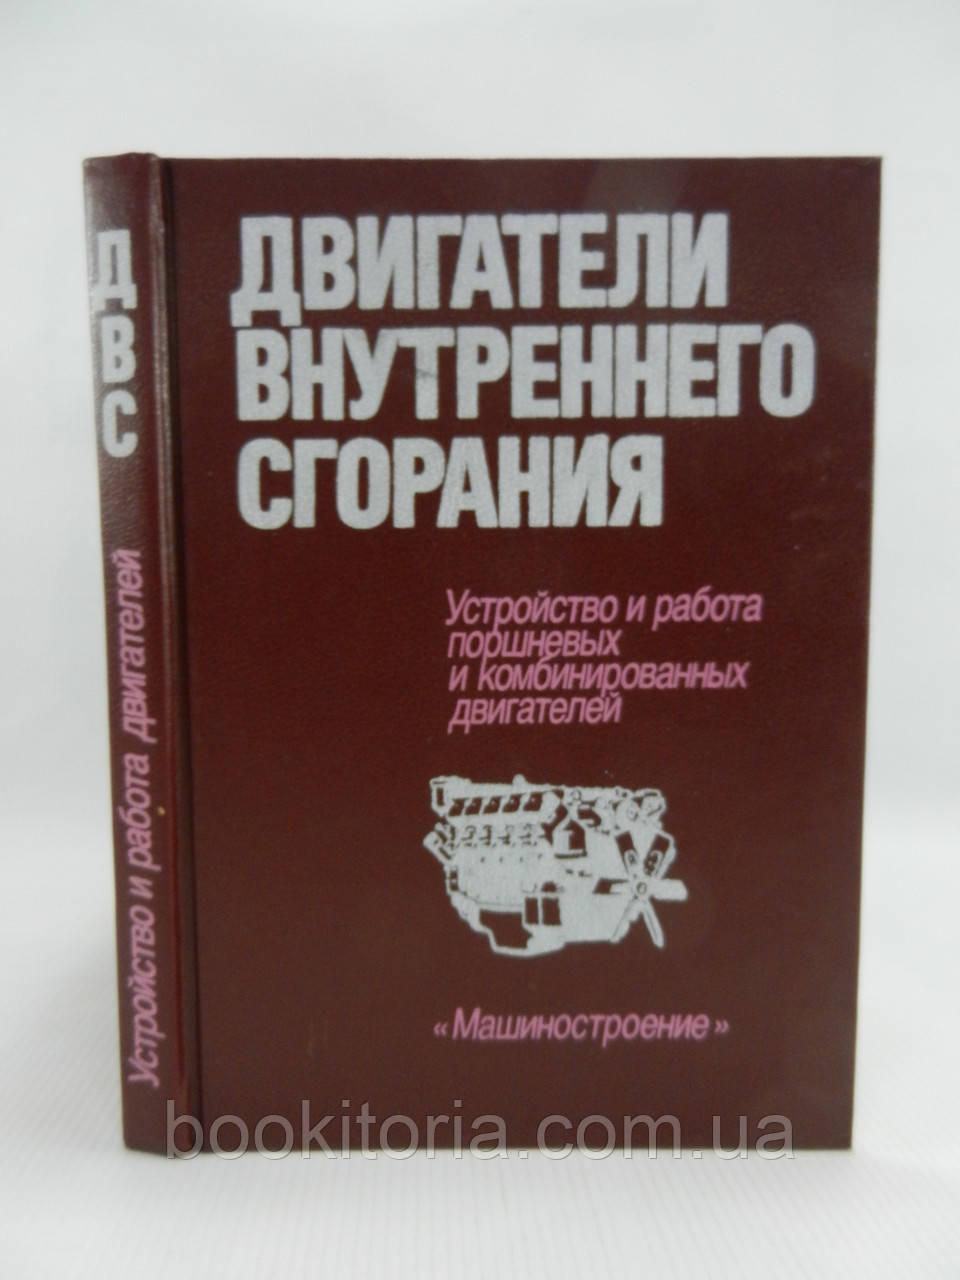 Алексеев В. и др. Двигатели внутреннего сгорания (б/у).